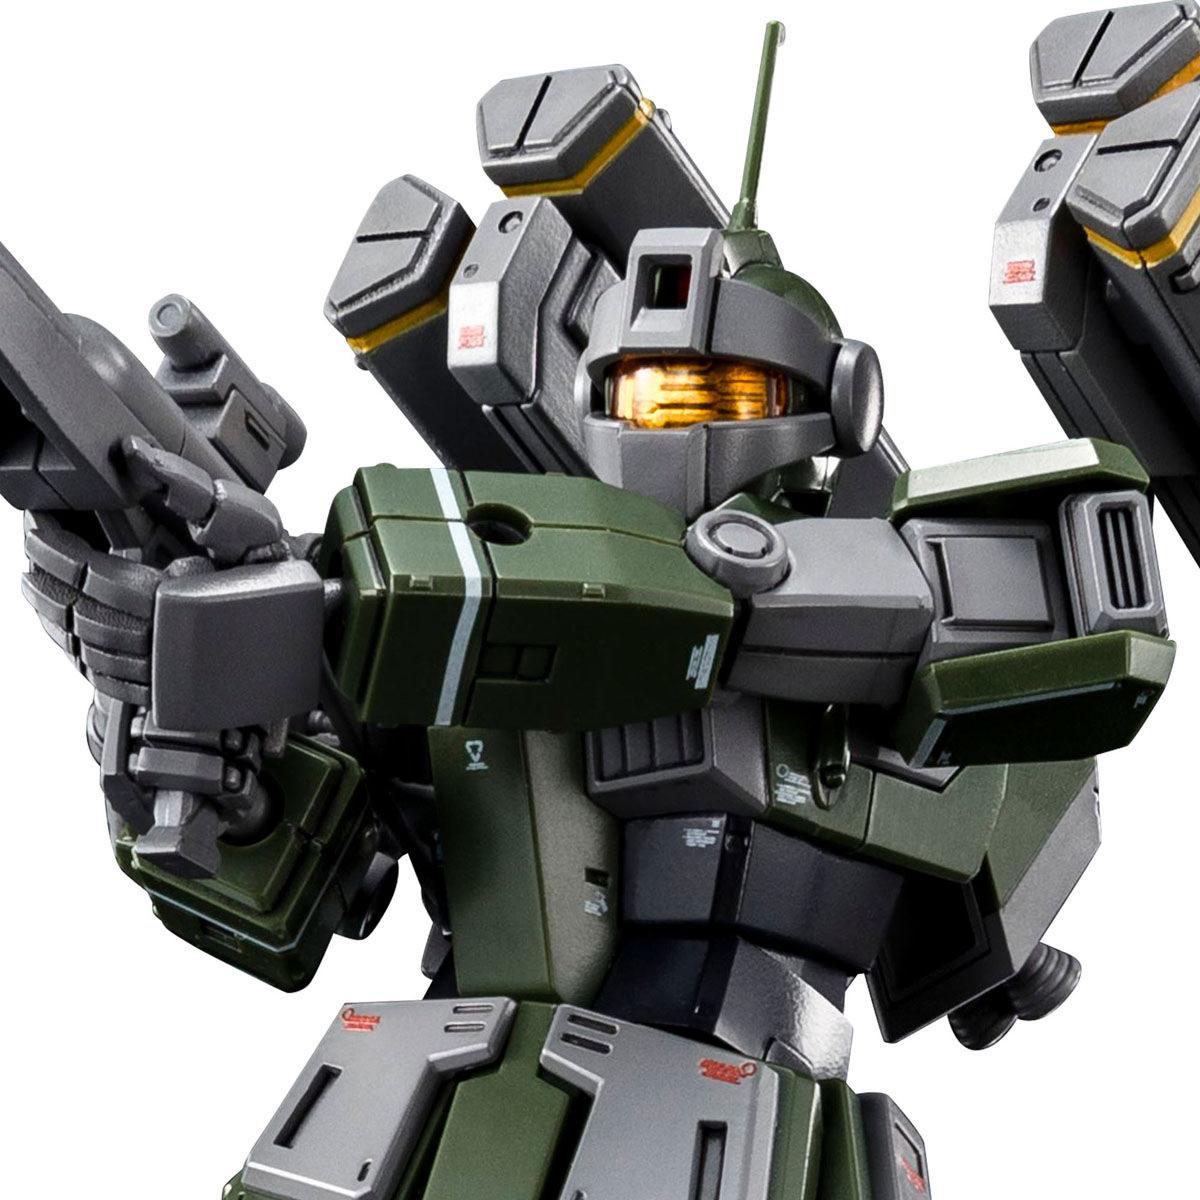 【限定販売】HG 1/144『ジム・スナイパーカスタム(ミサイル・ランチャー装備)』プラモデル-001